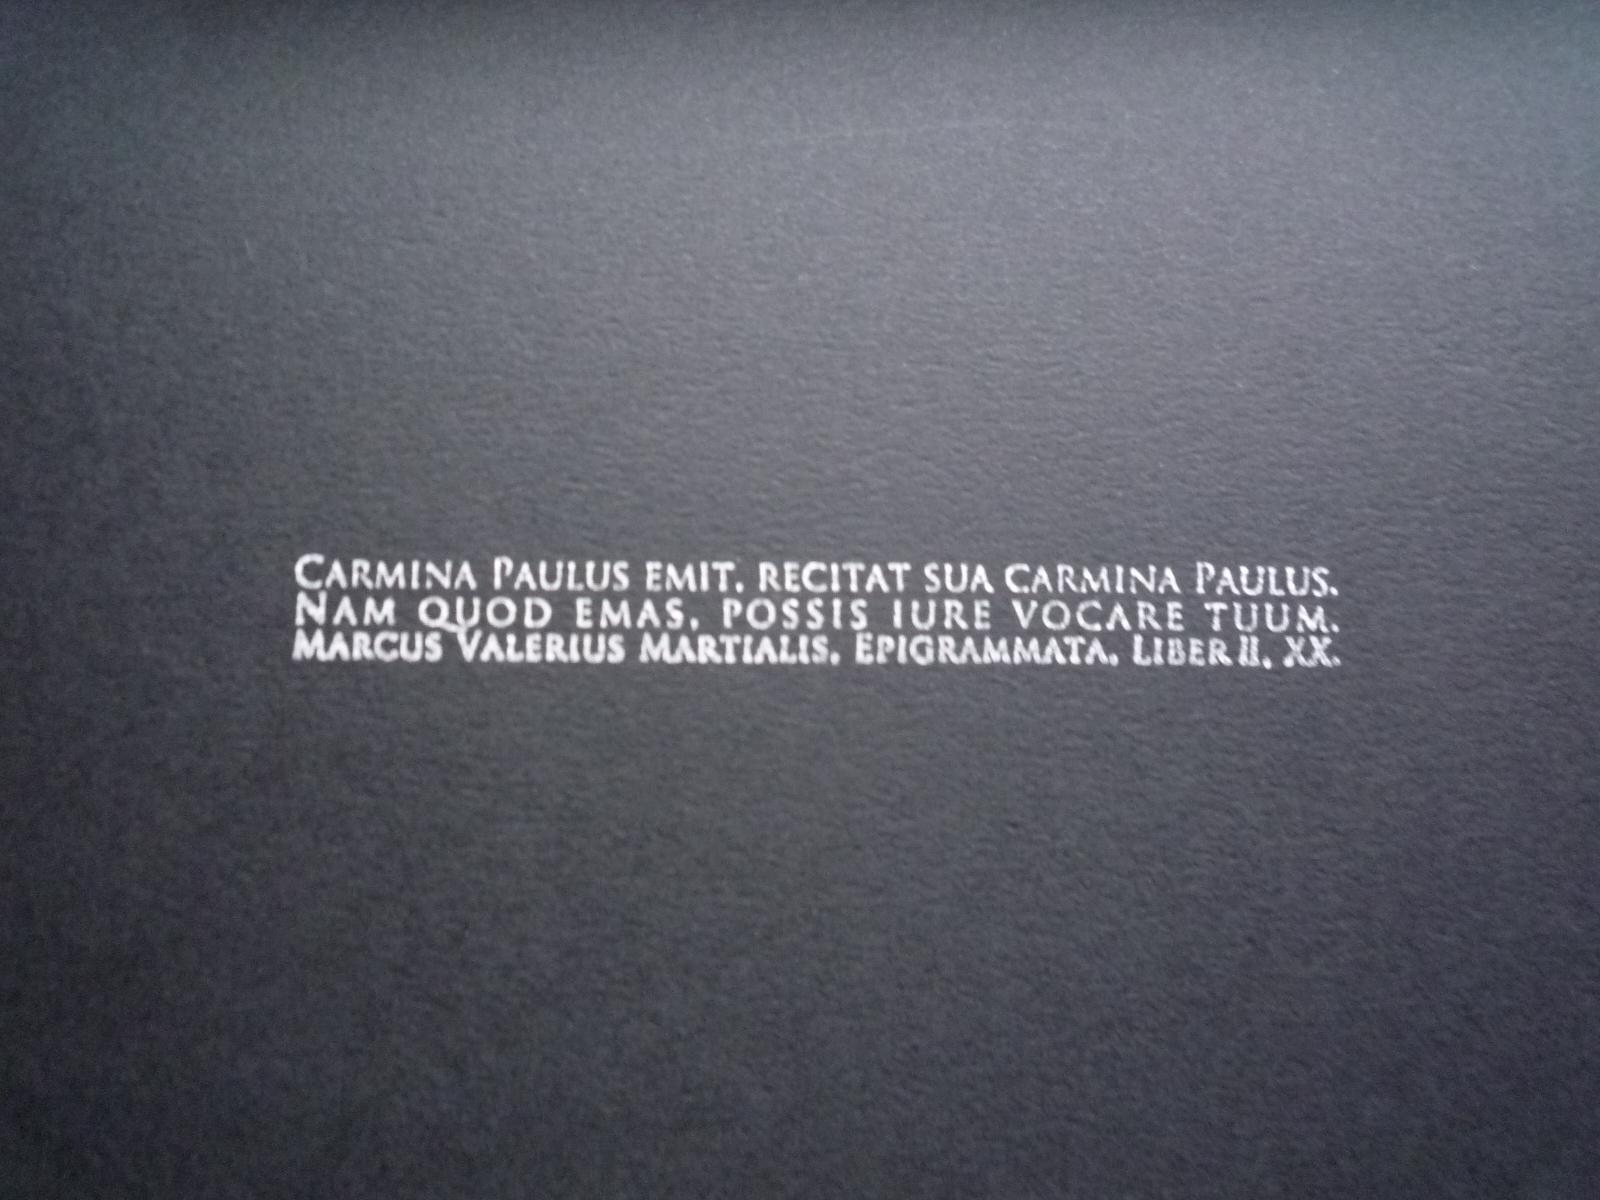 carmina.JPG